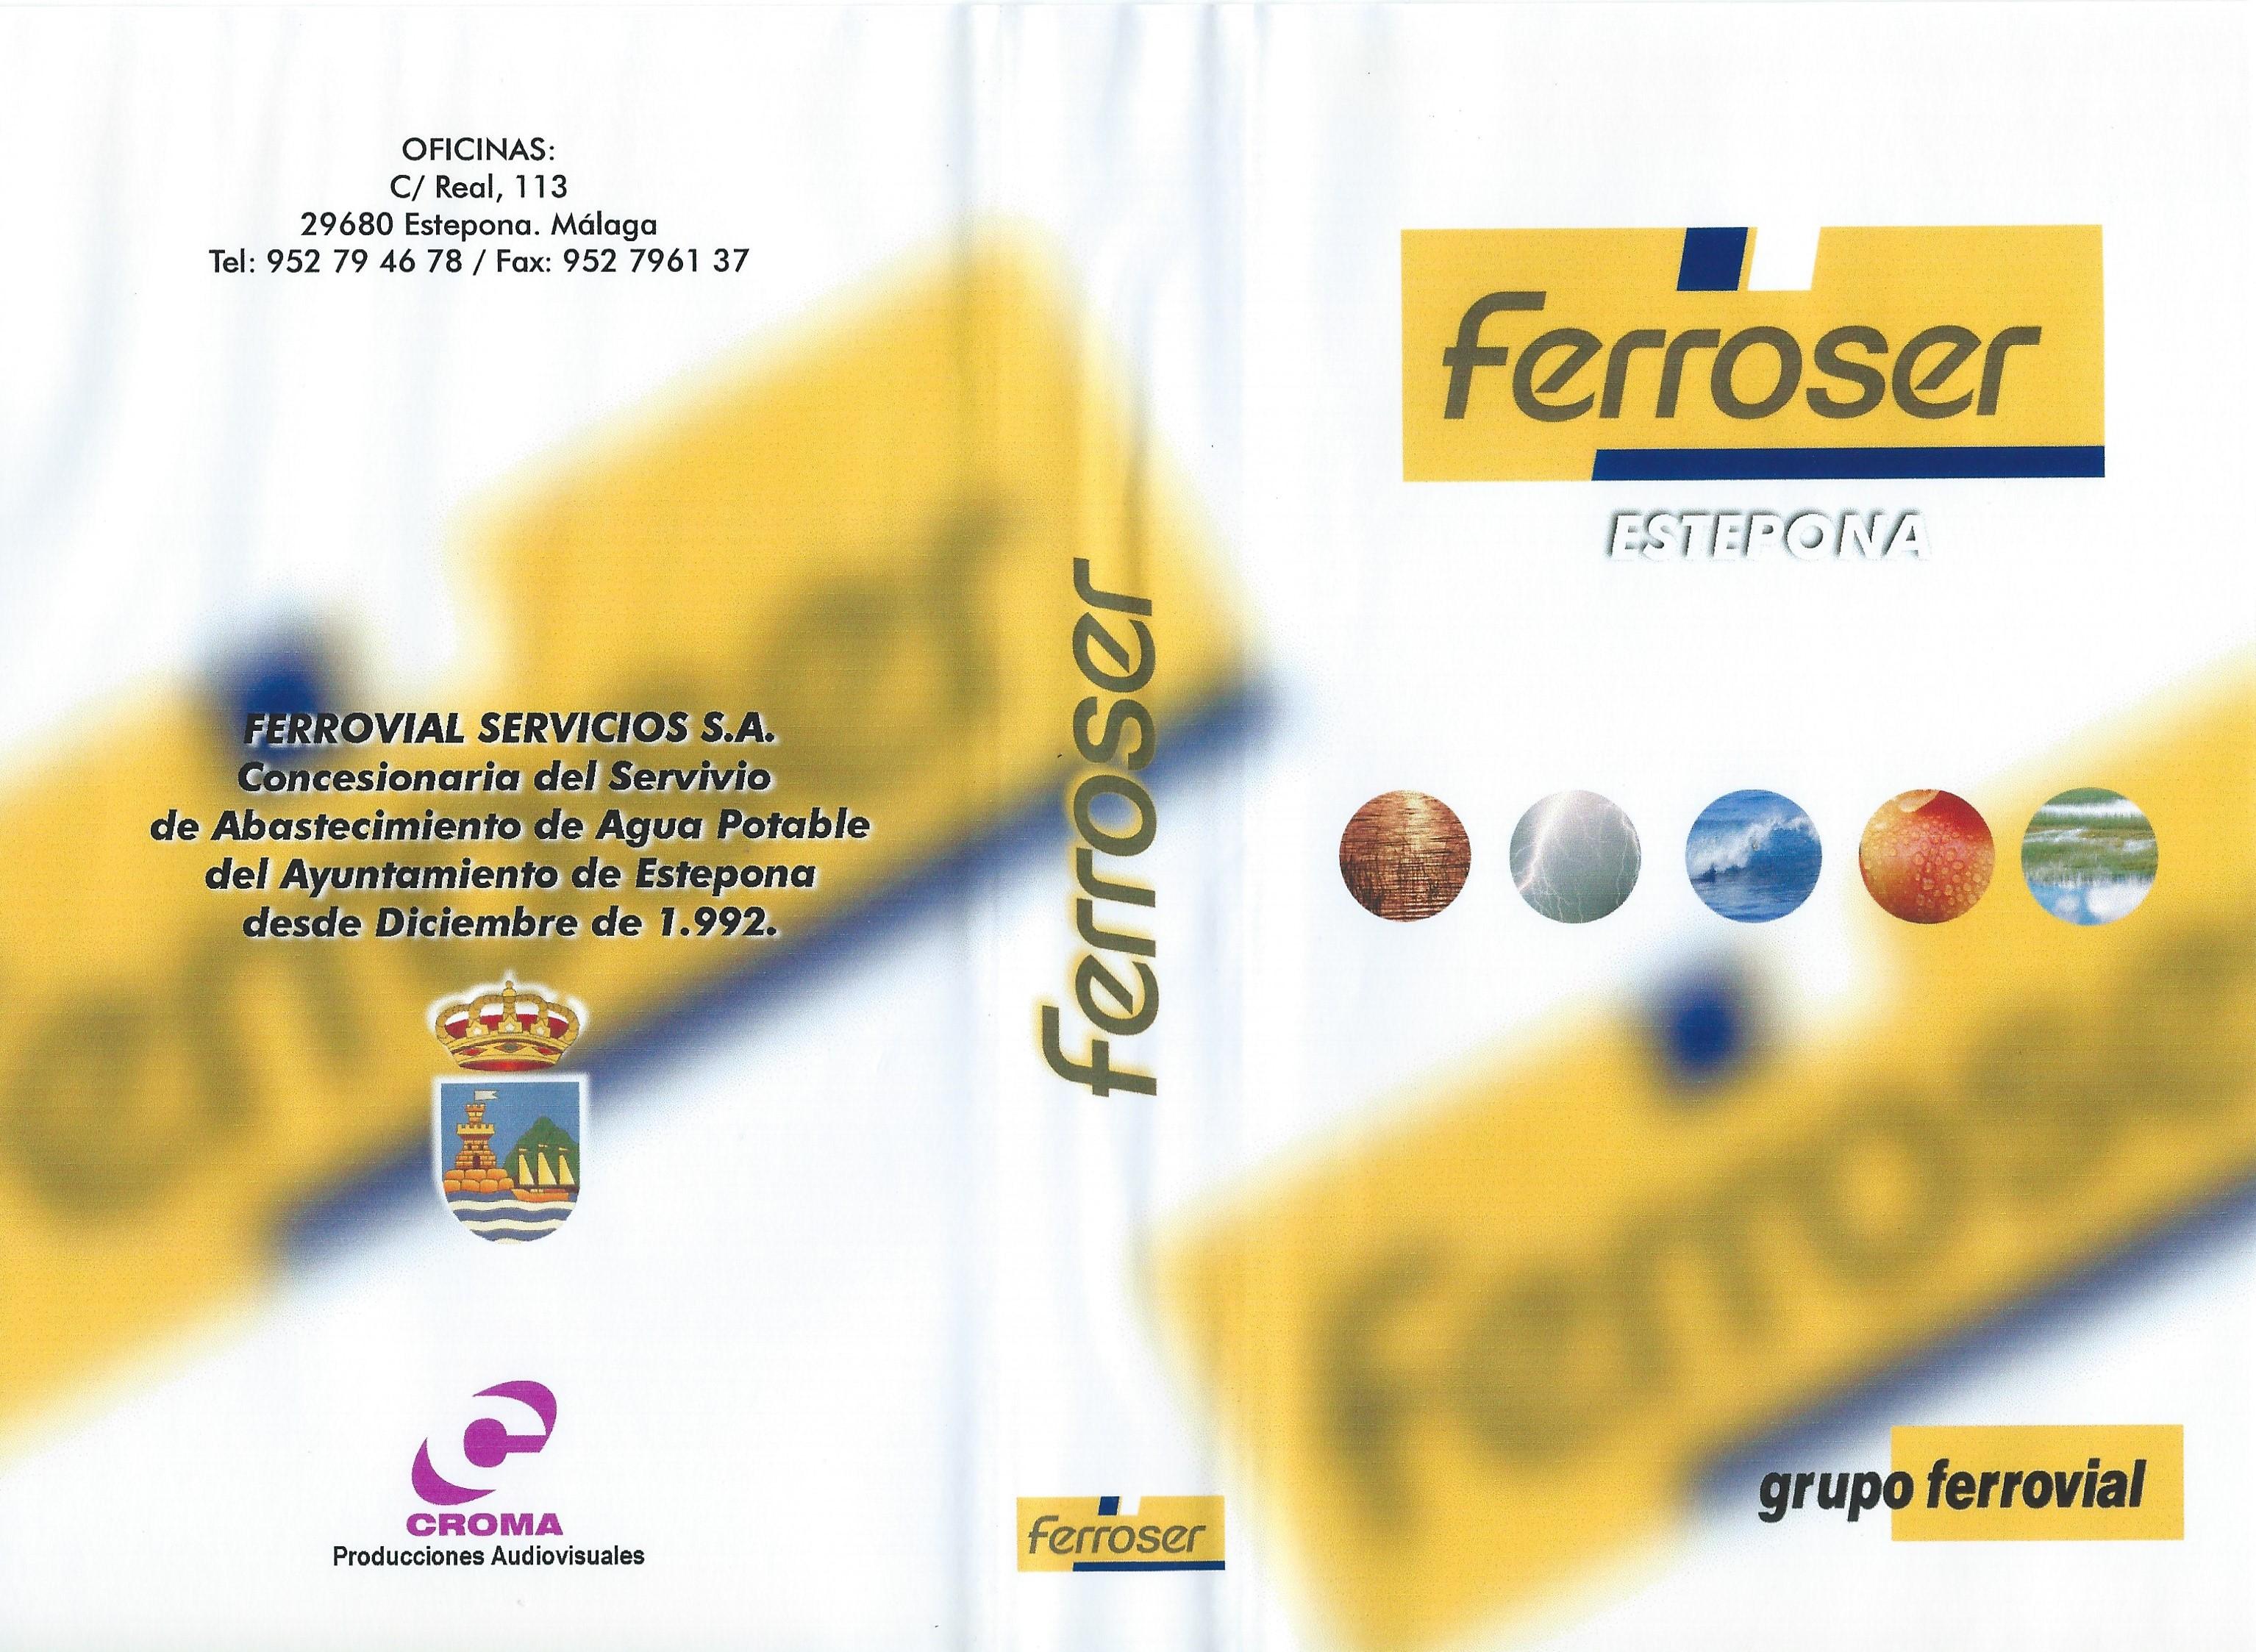 Ferroser (Ferrovial)